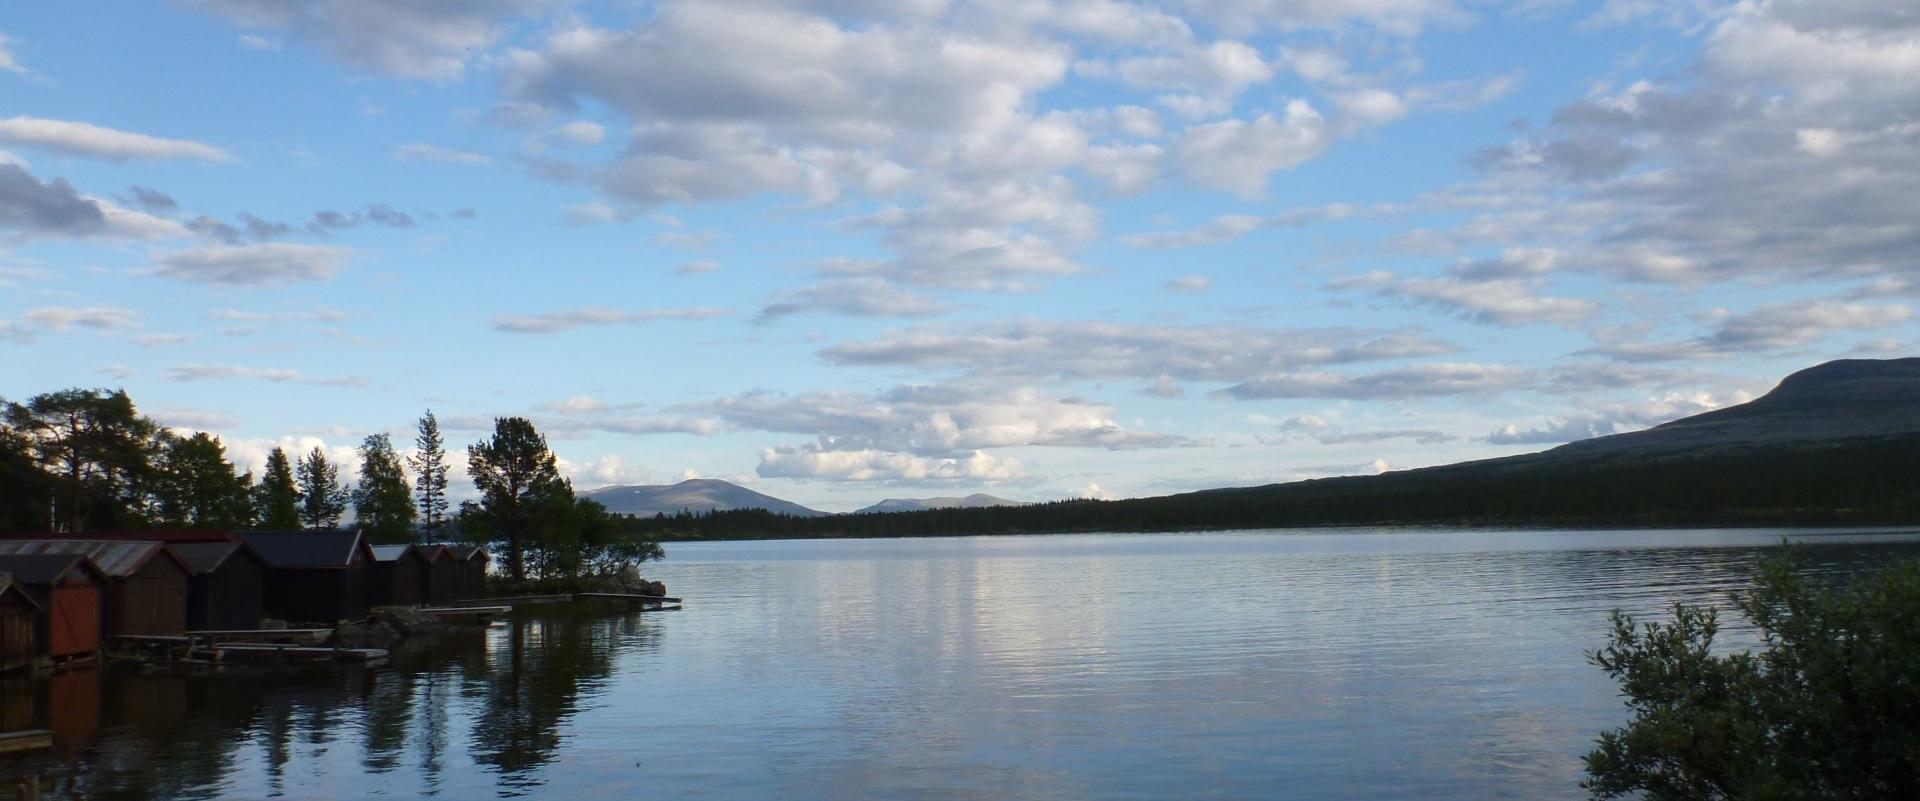 Abenteuer_Reise_VaeSoe_Schweden_Norwegen08.jpg